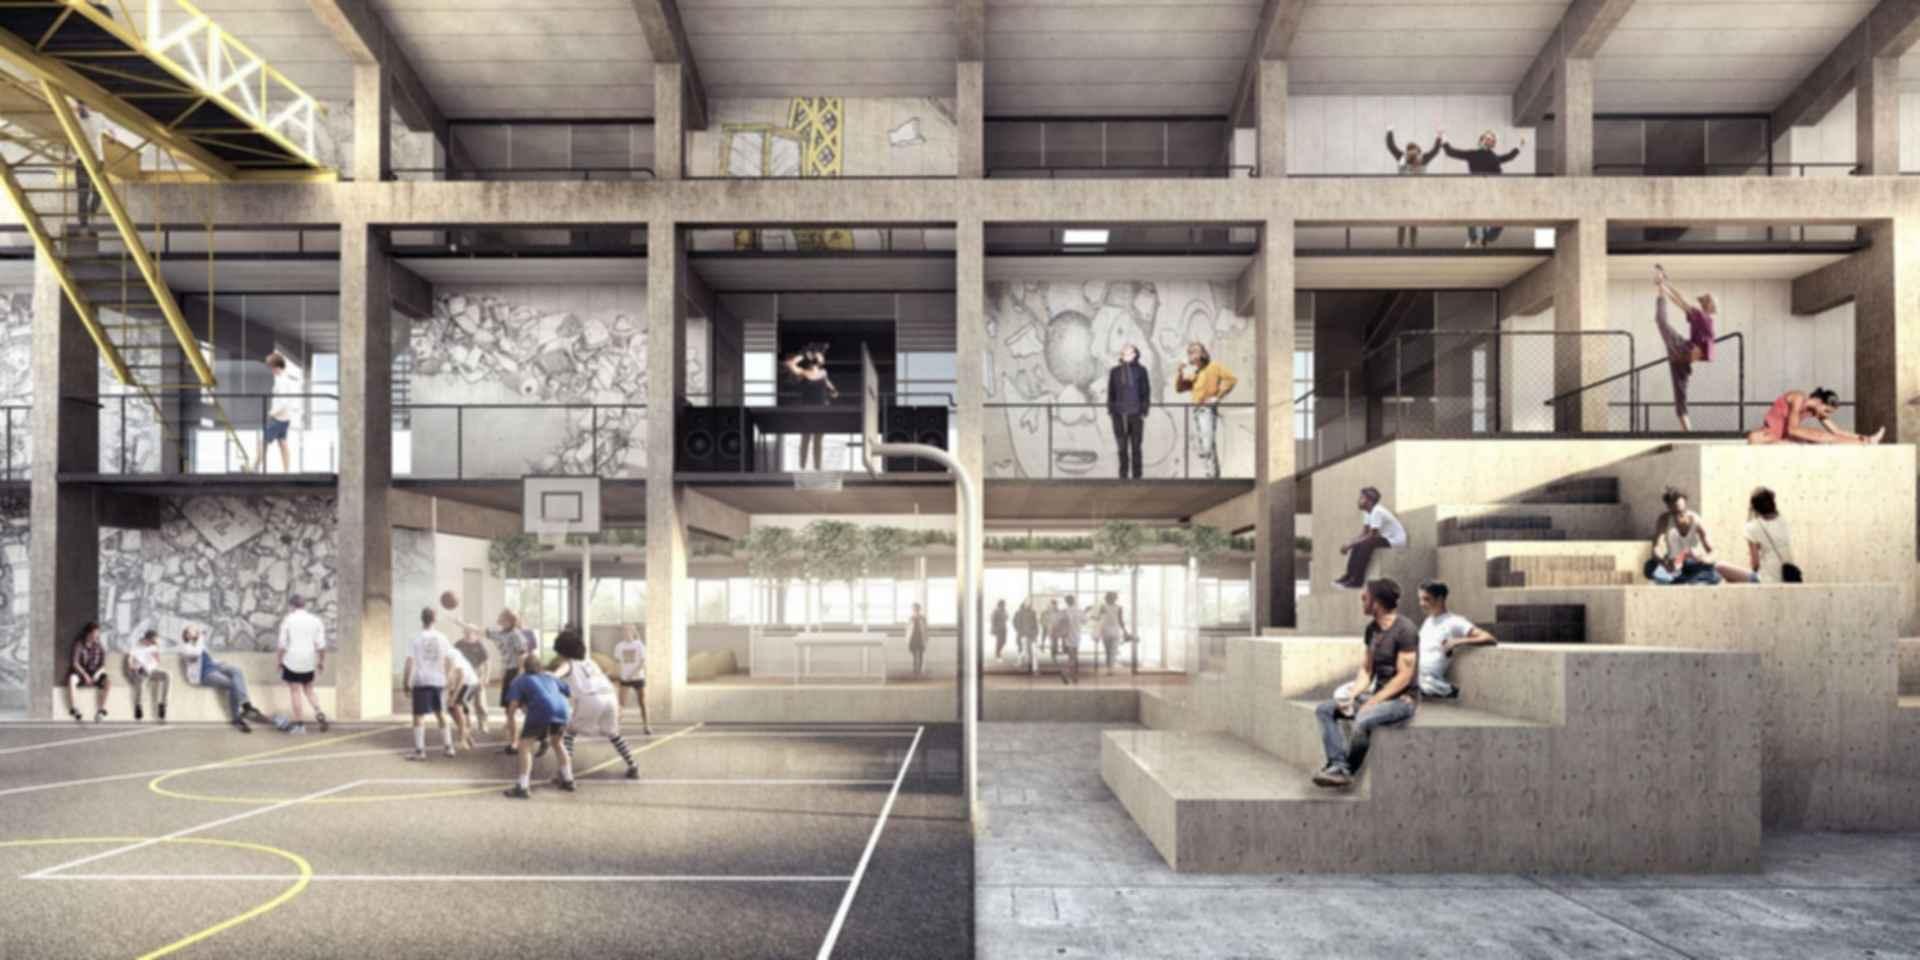 Streetmekka in Viborg - concept design